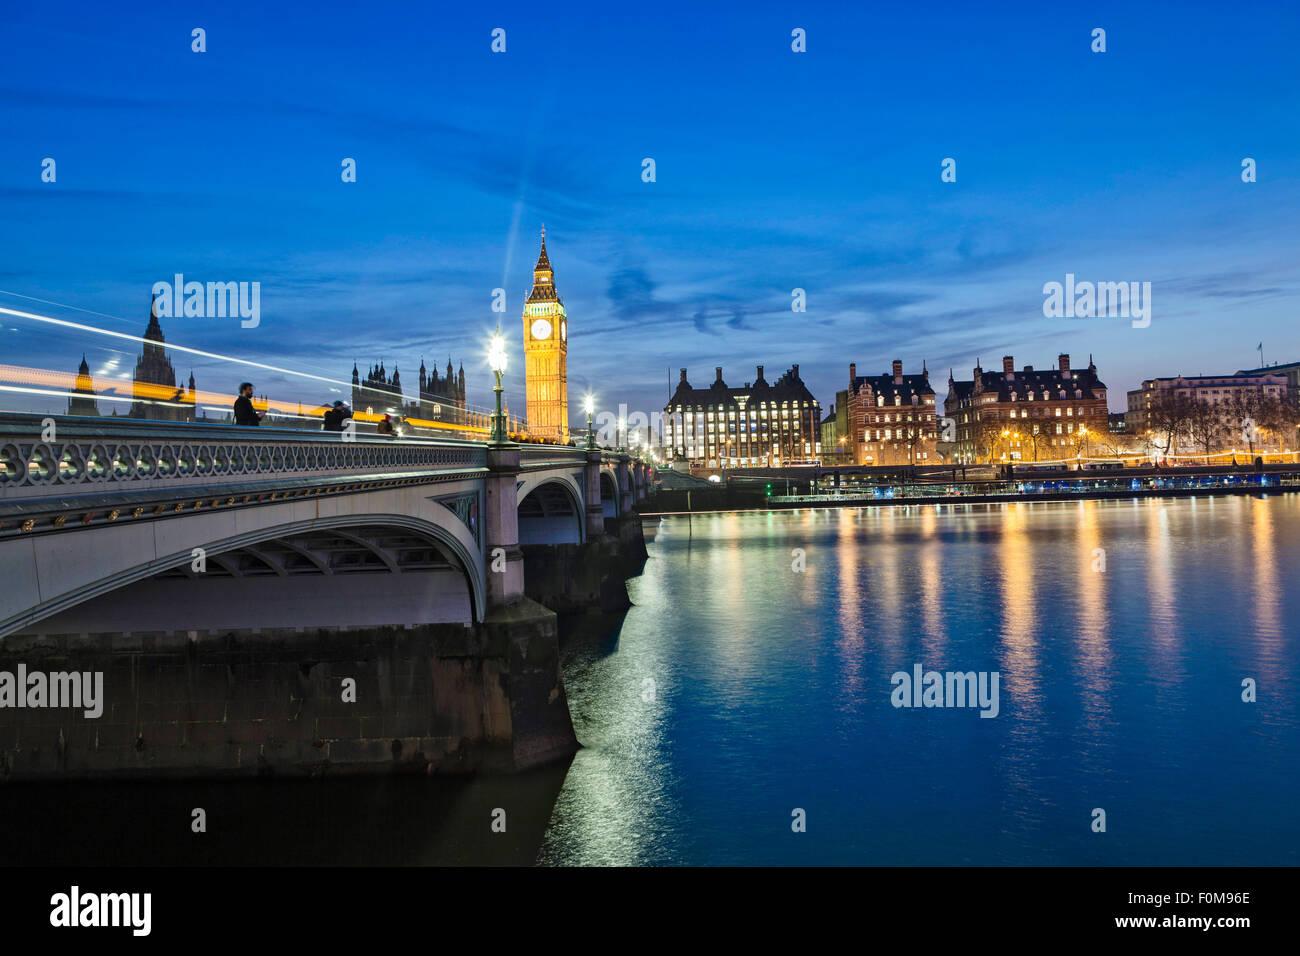 Le pont de Westminster et le néo-gothique Chambres du Parlement par Charles Barry et Augustus Pugin, dans l'obscurité. Photo Stock